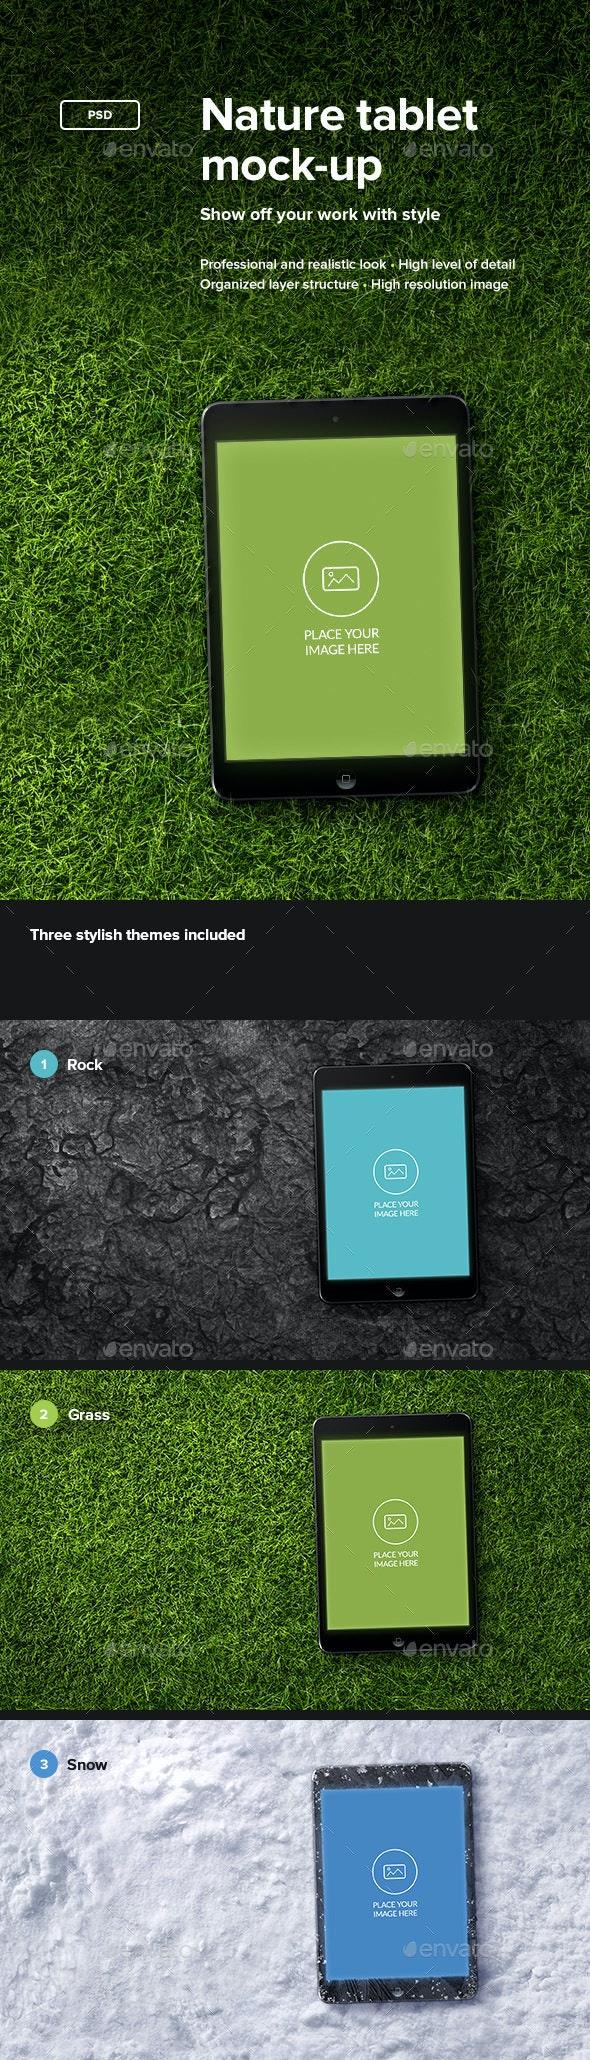 Nature Tablet Mock-up - Mobile Displays